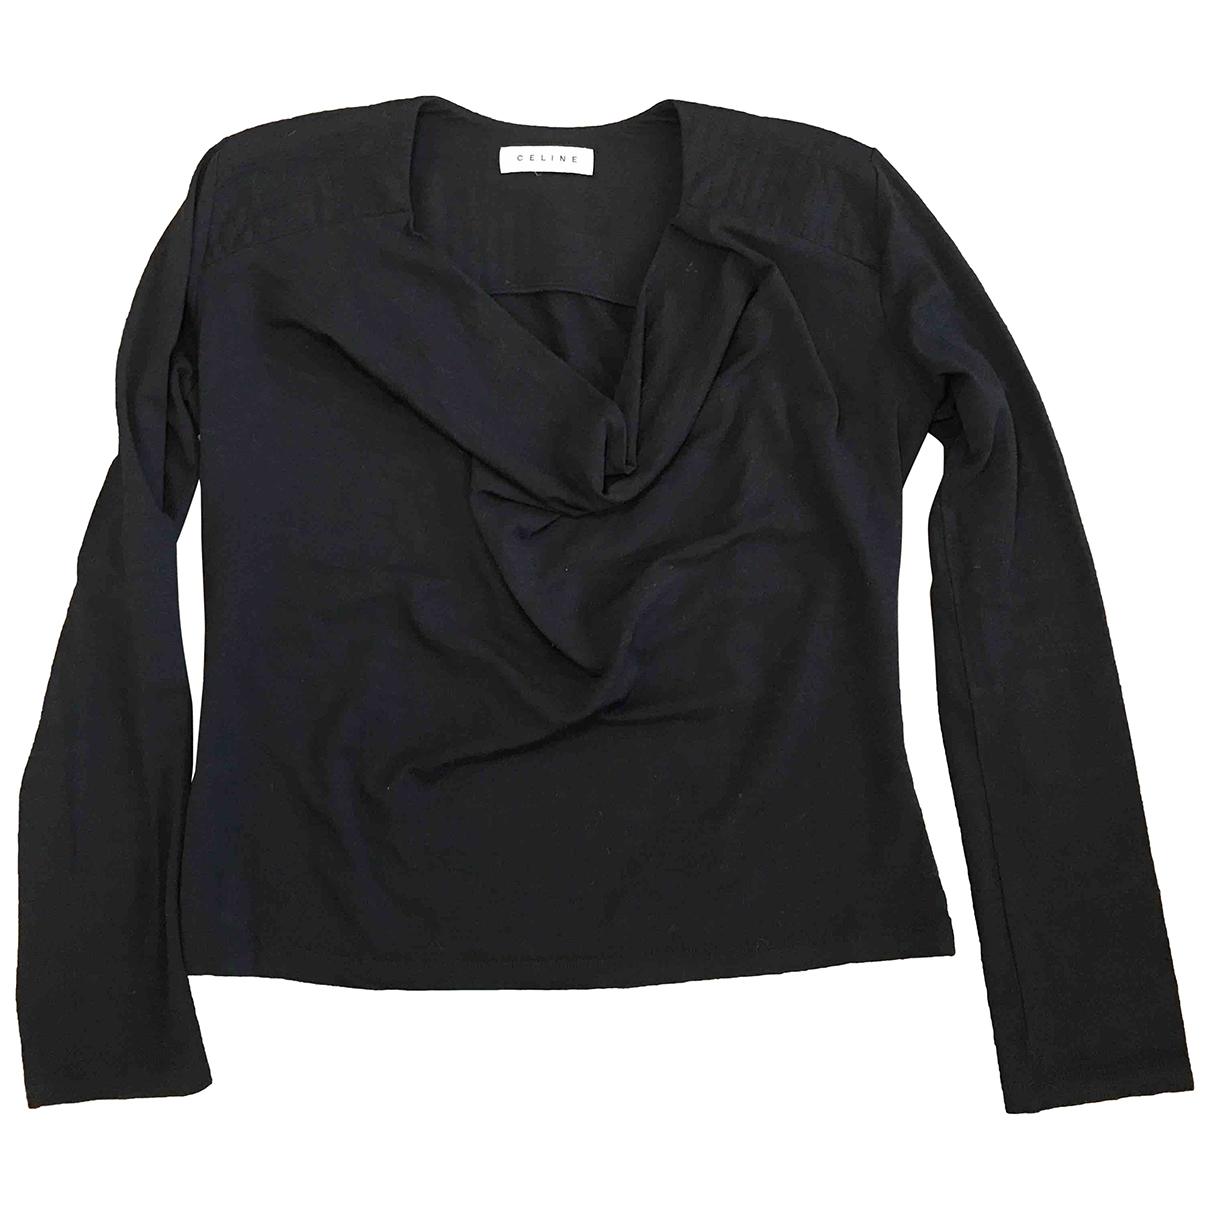 Celine - Pull   pour femme en laine - noir